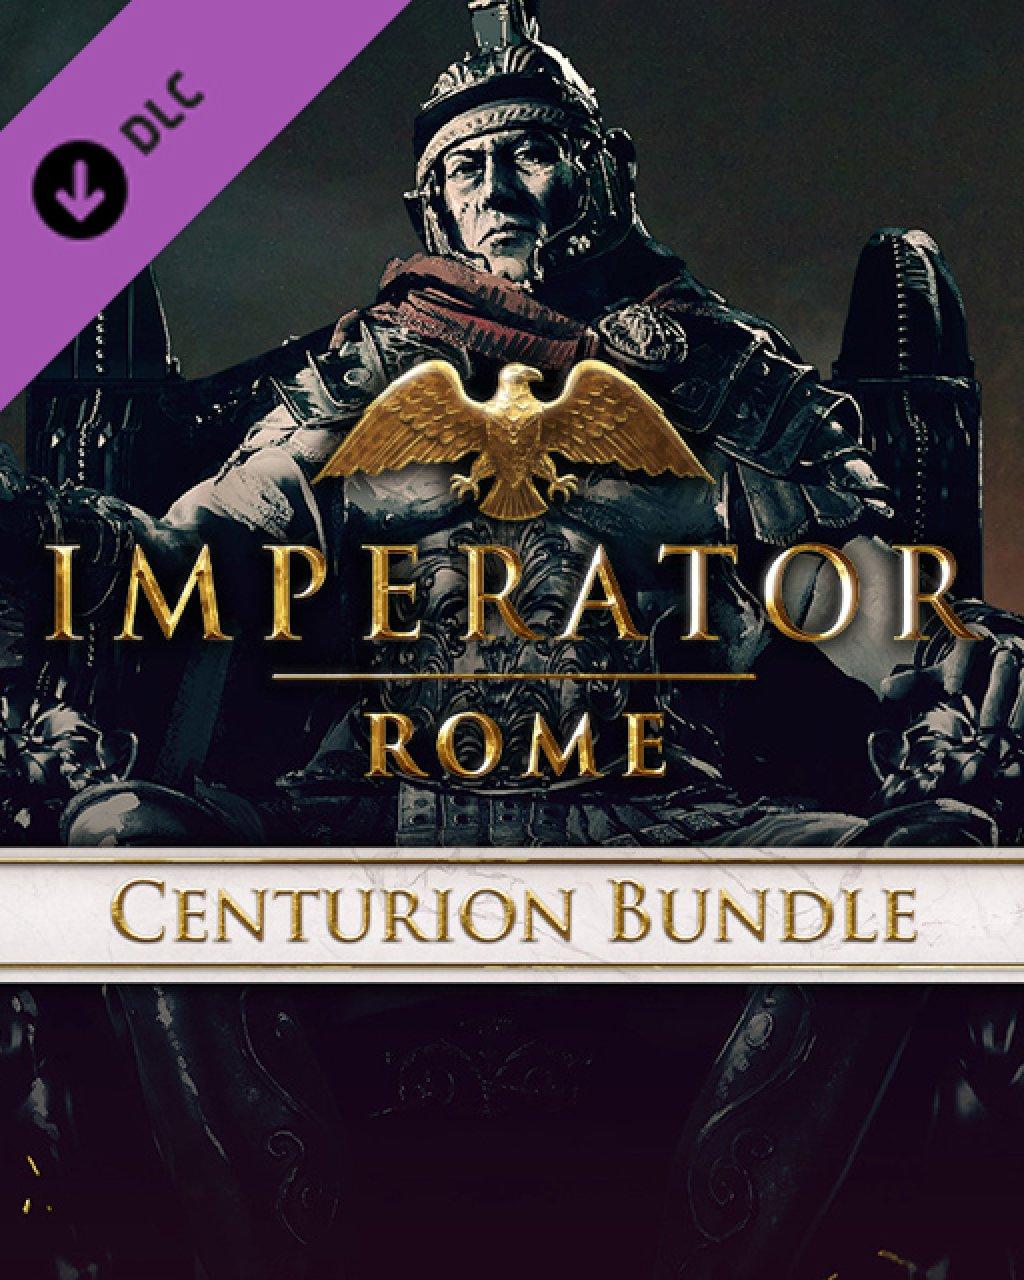 Imperator Rome Centurion Bundle